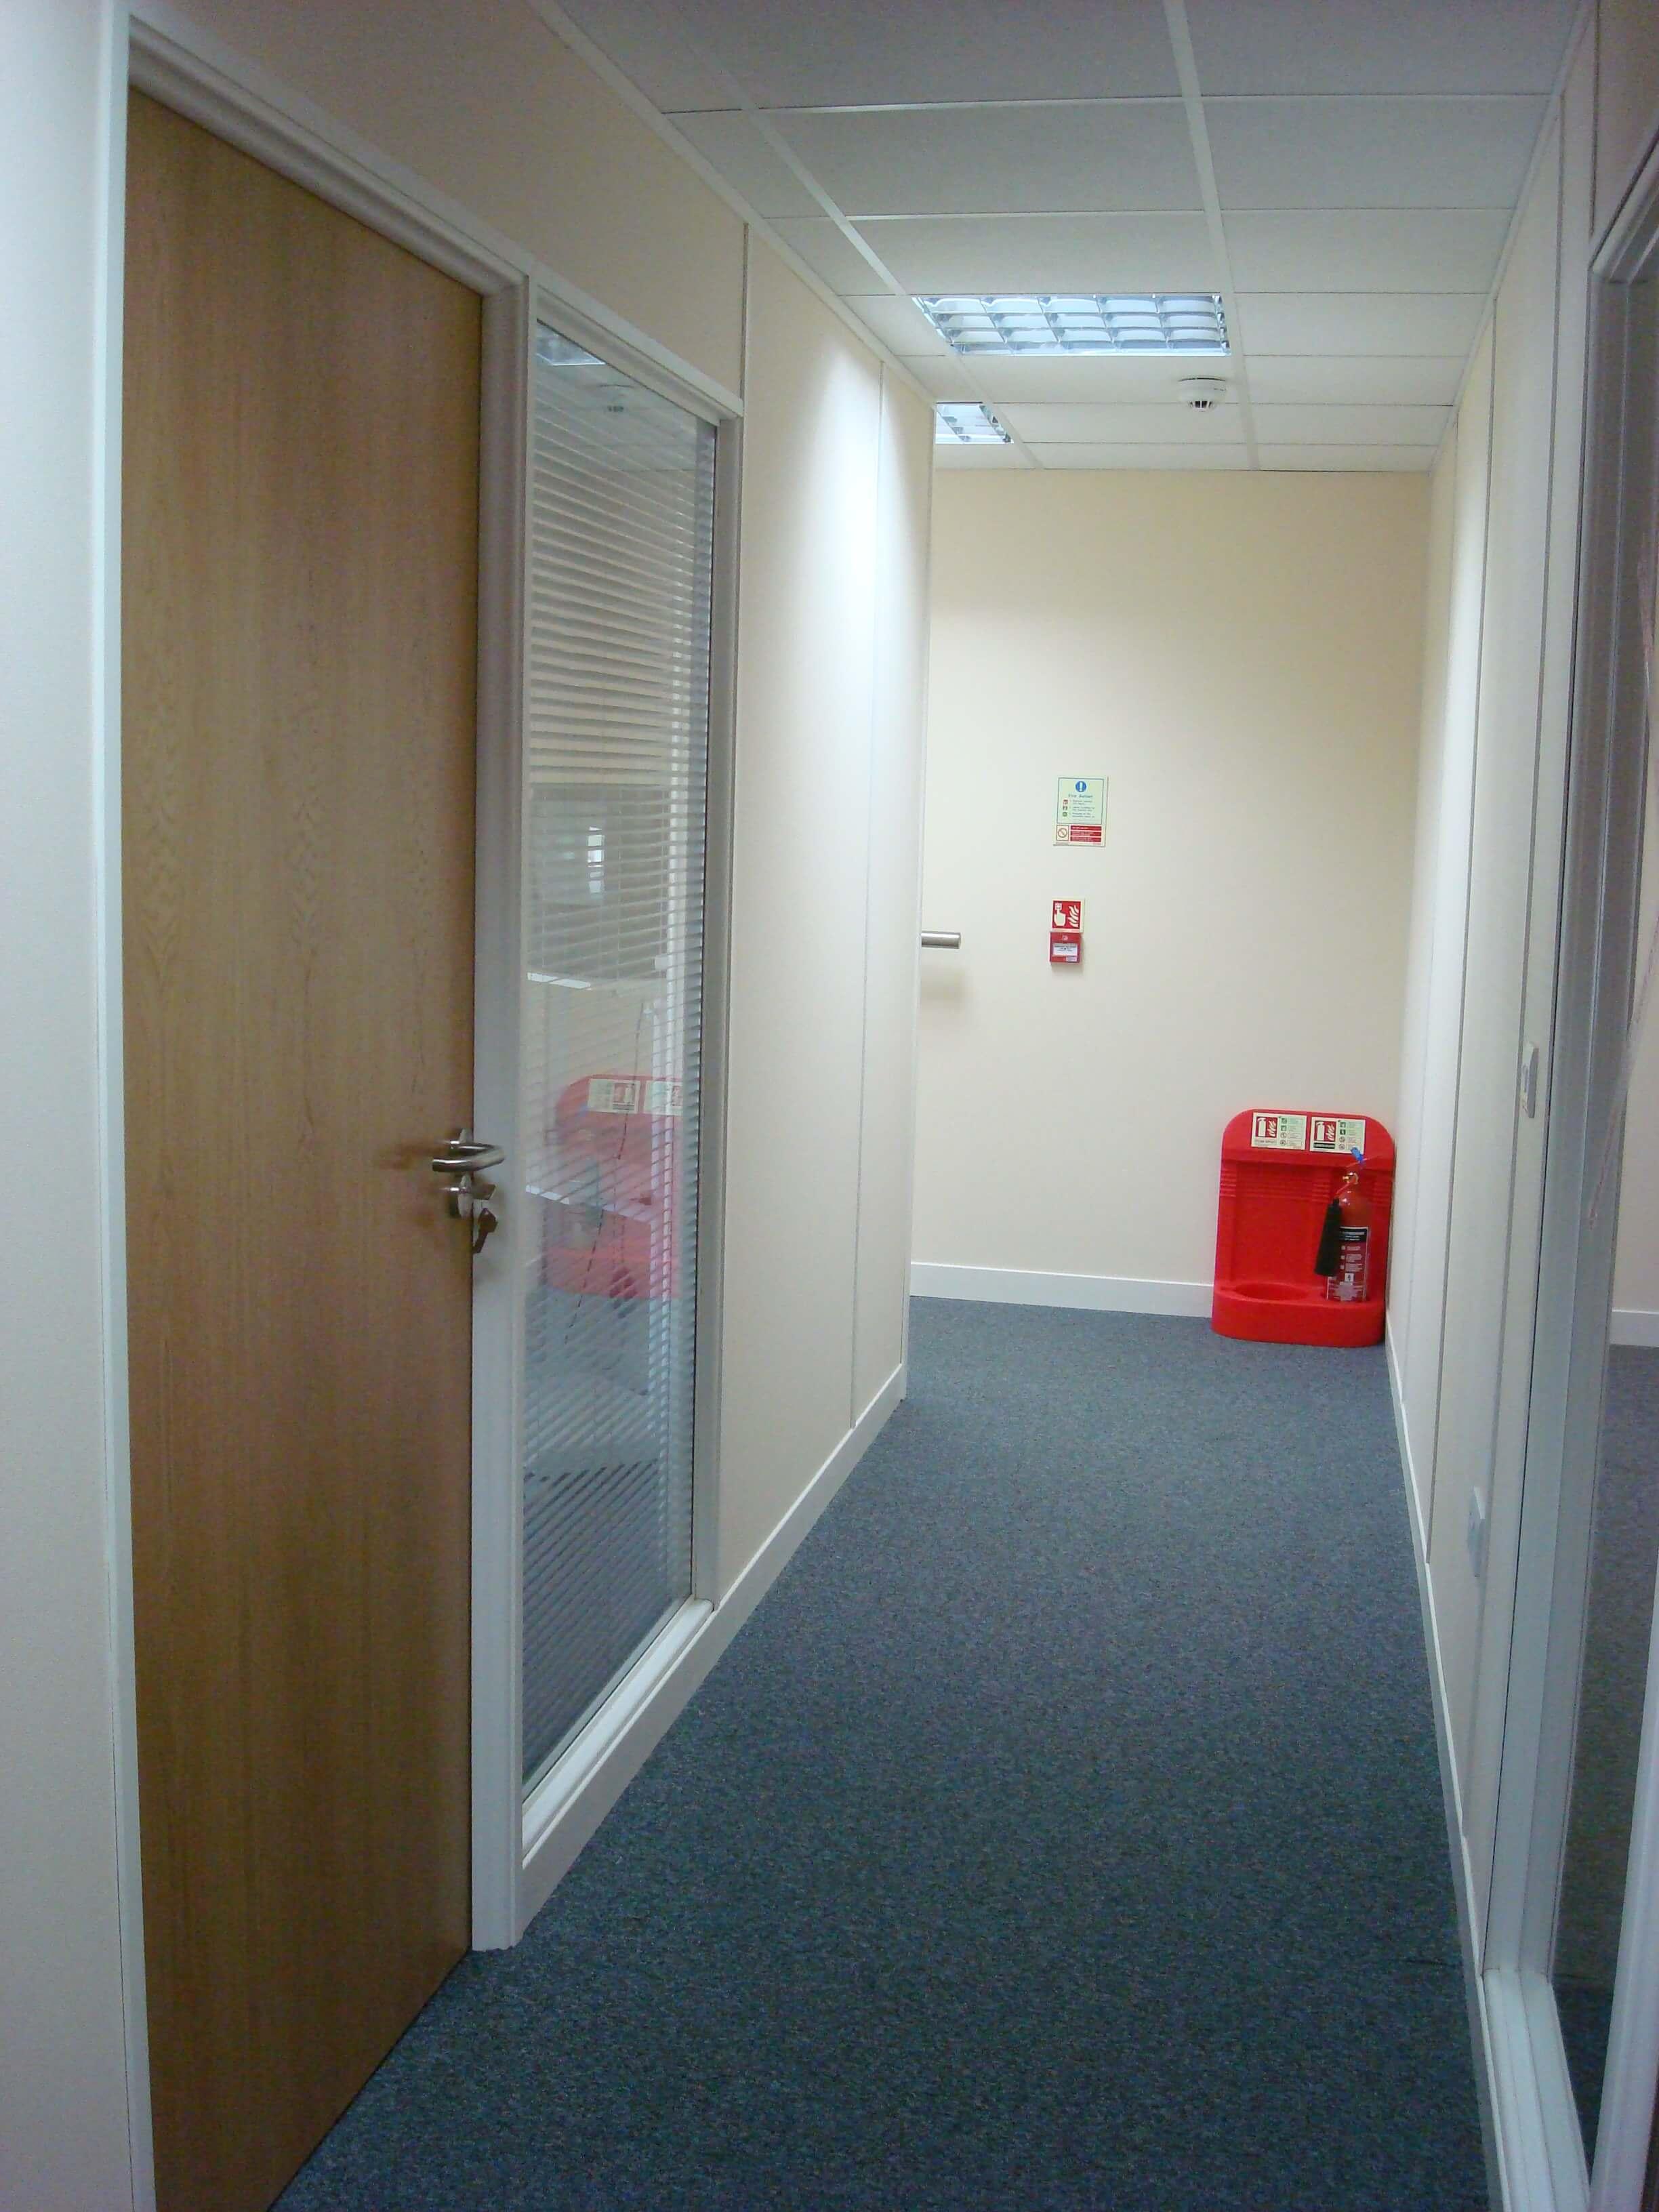 Upstairs office corridor